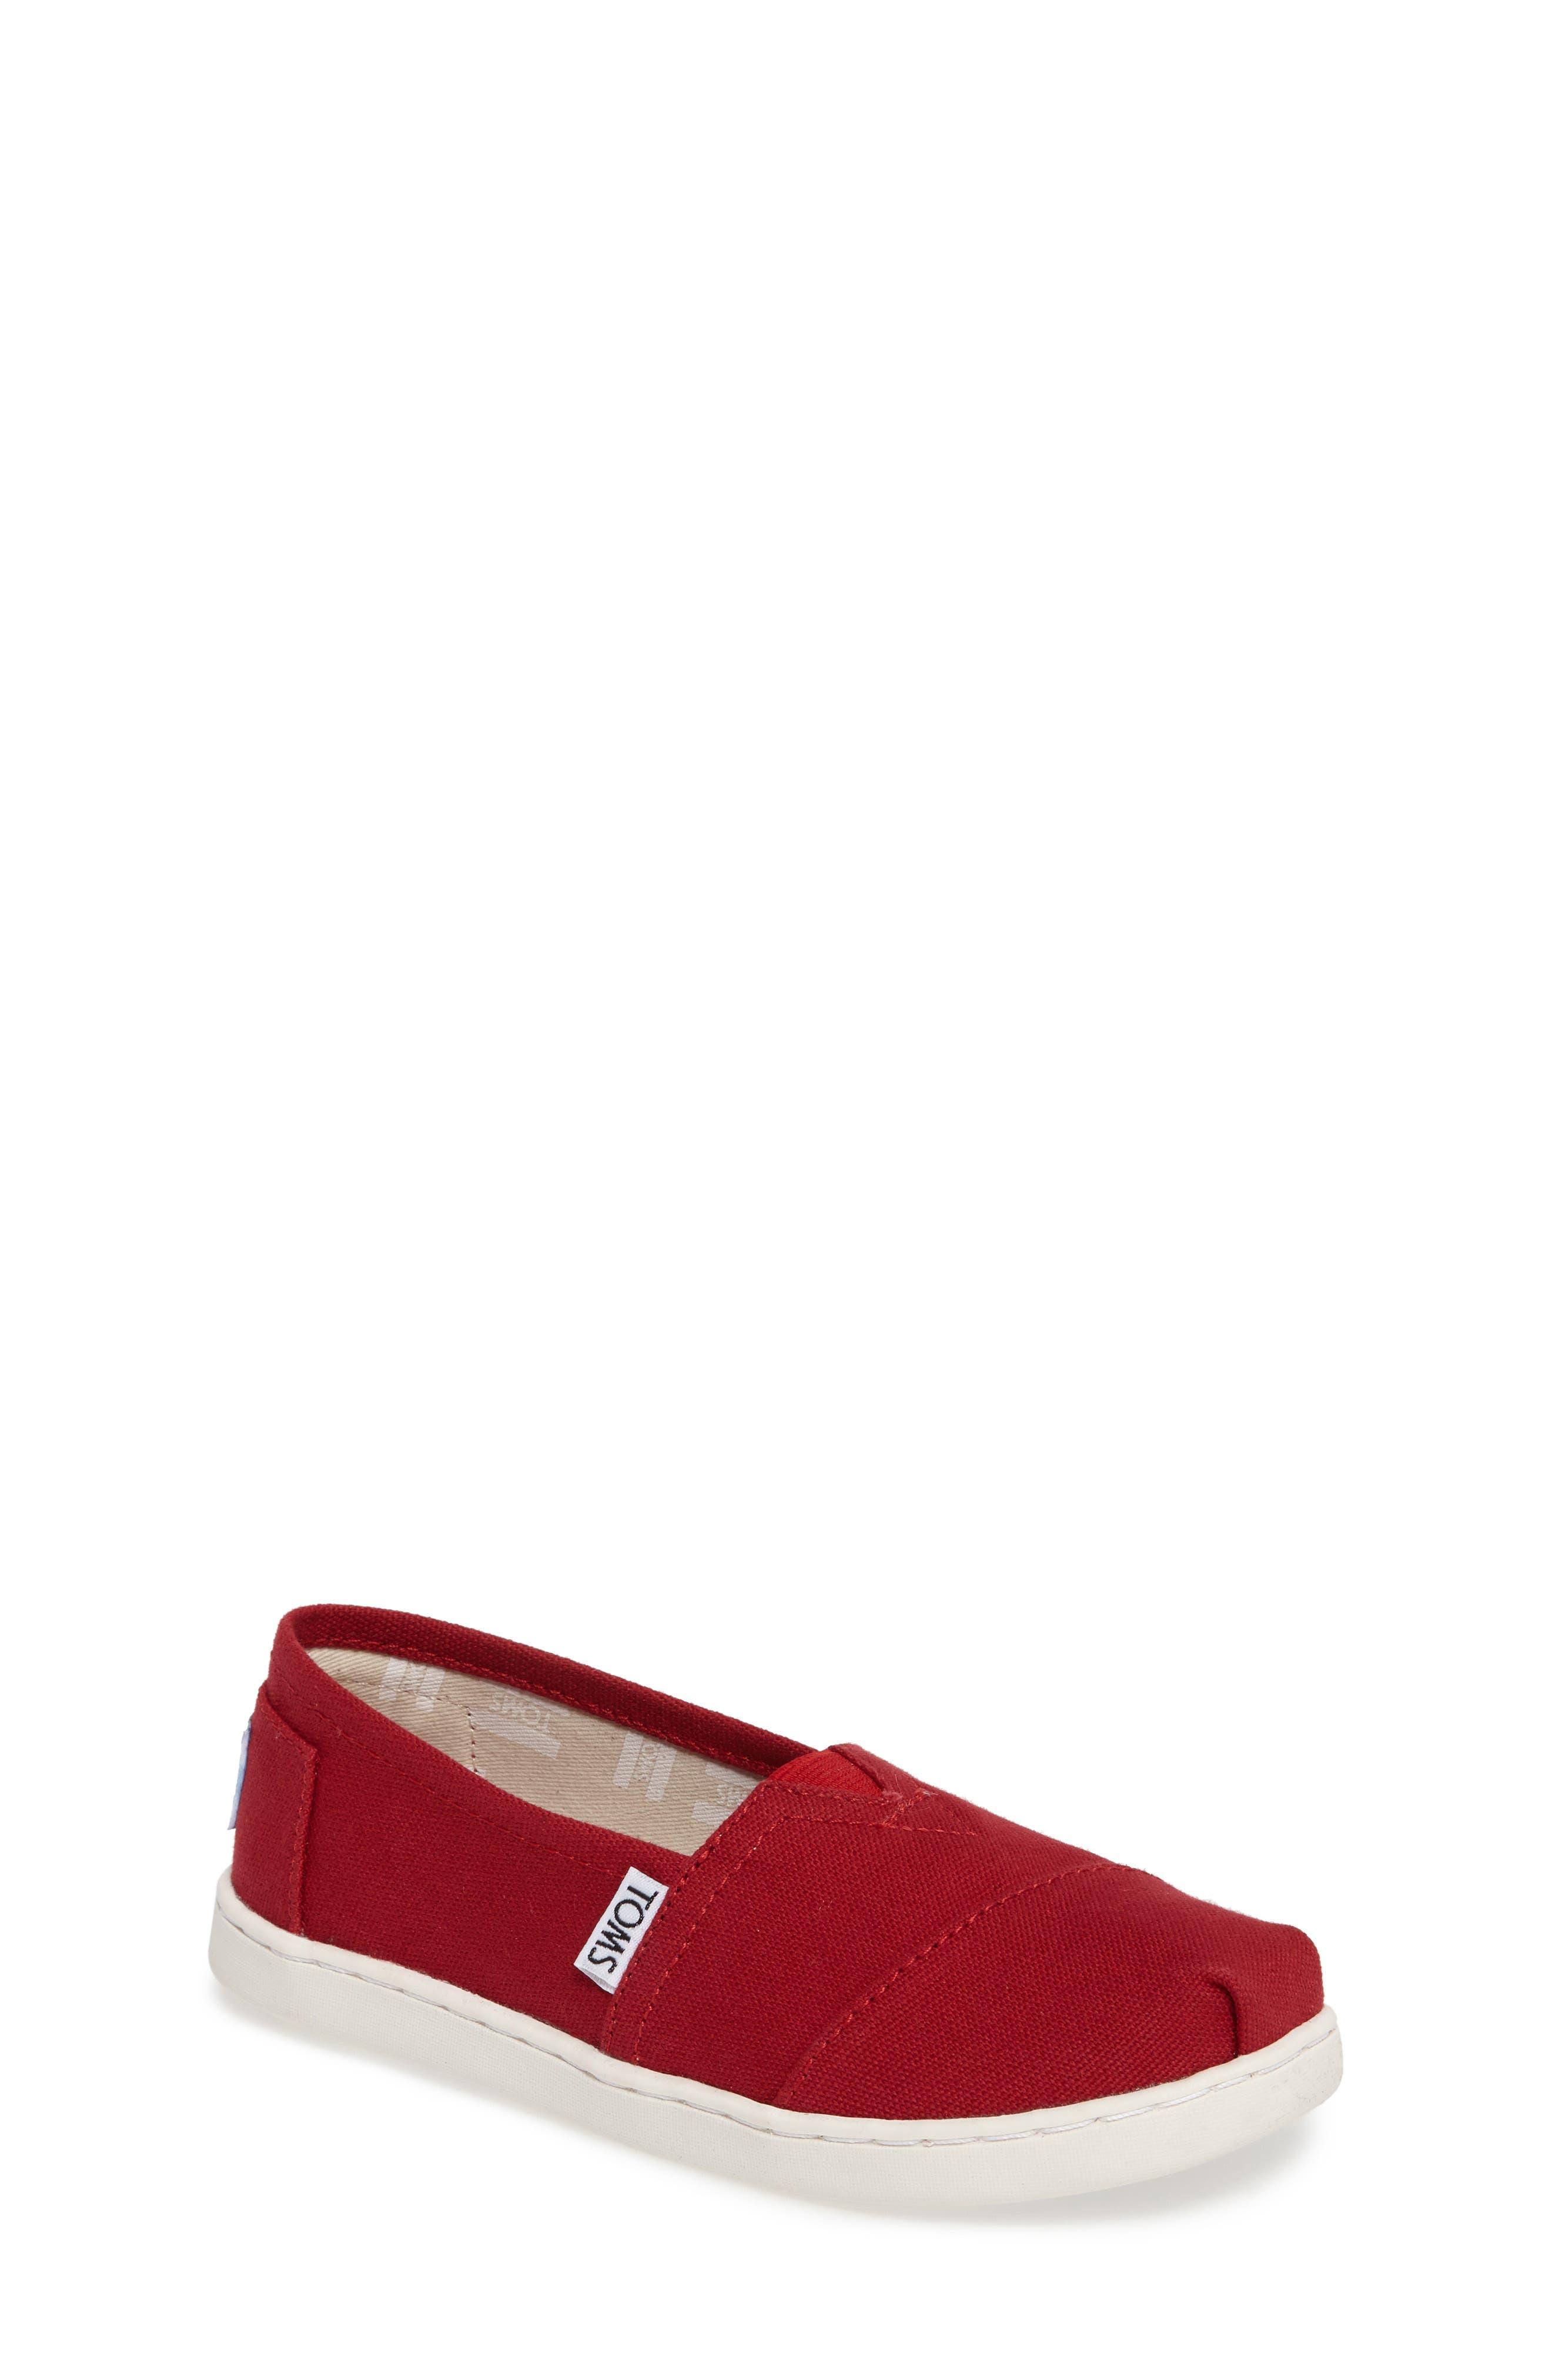 3bd45a2c01f Boys  TOMS Shoes